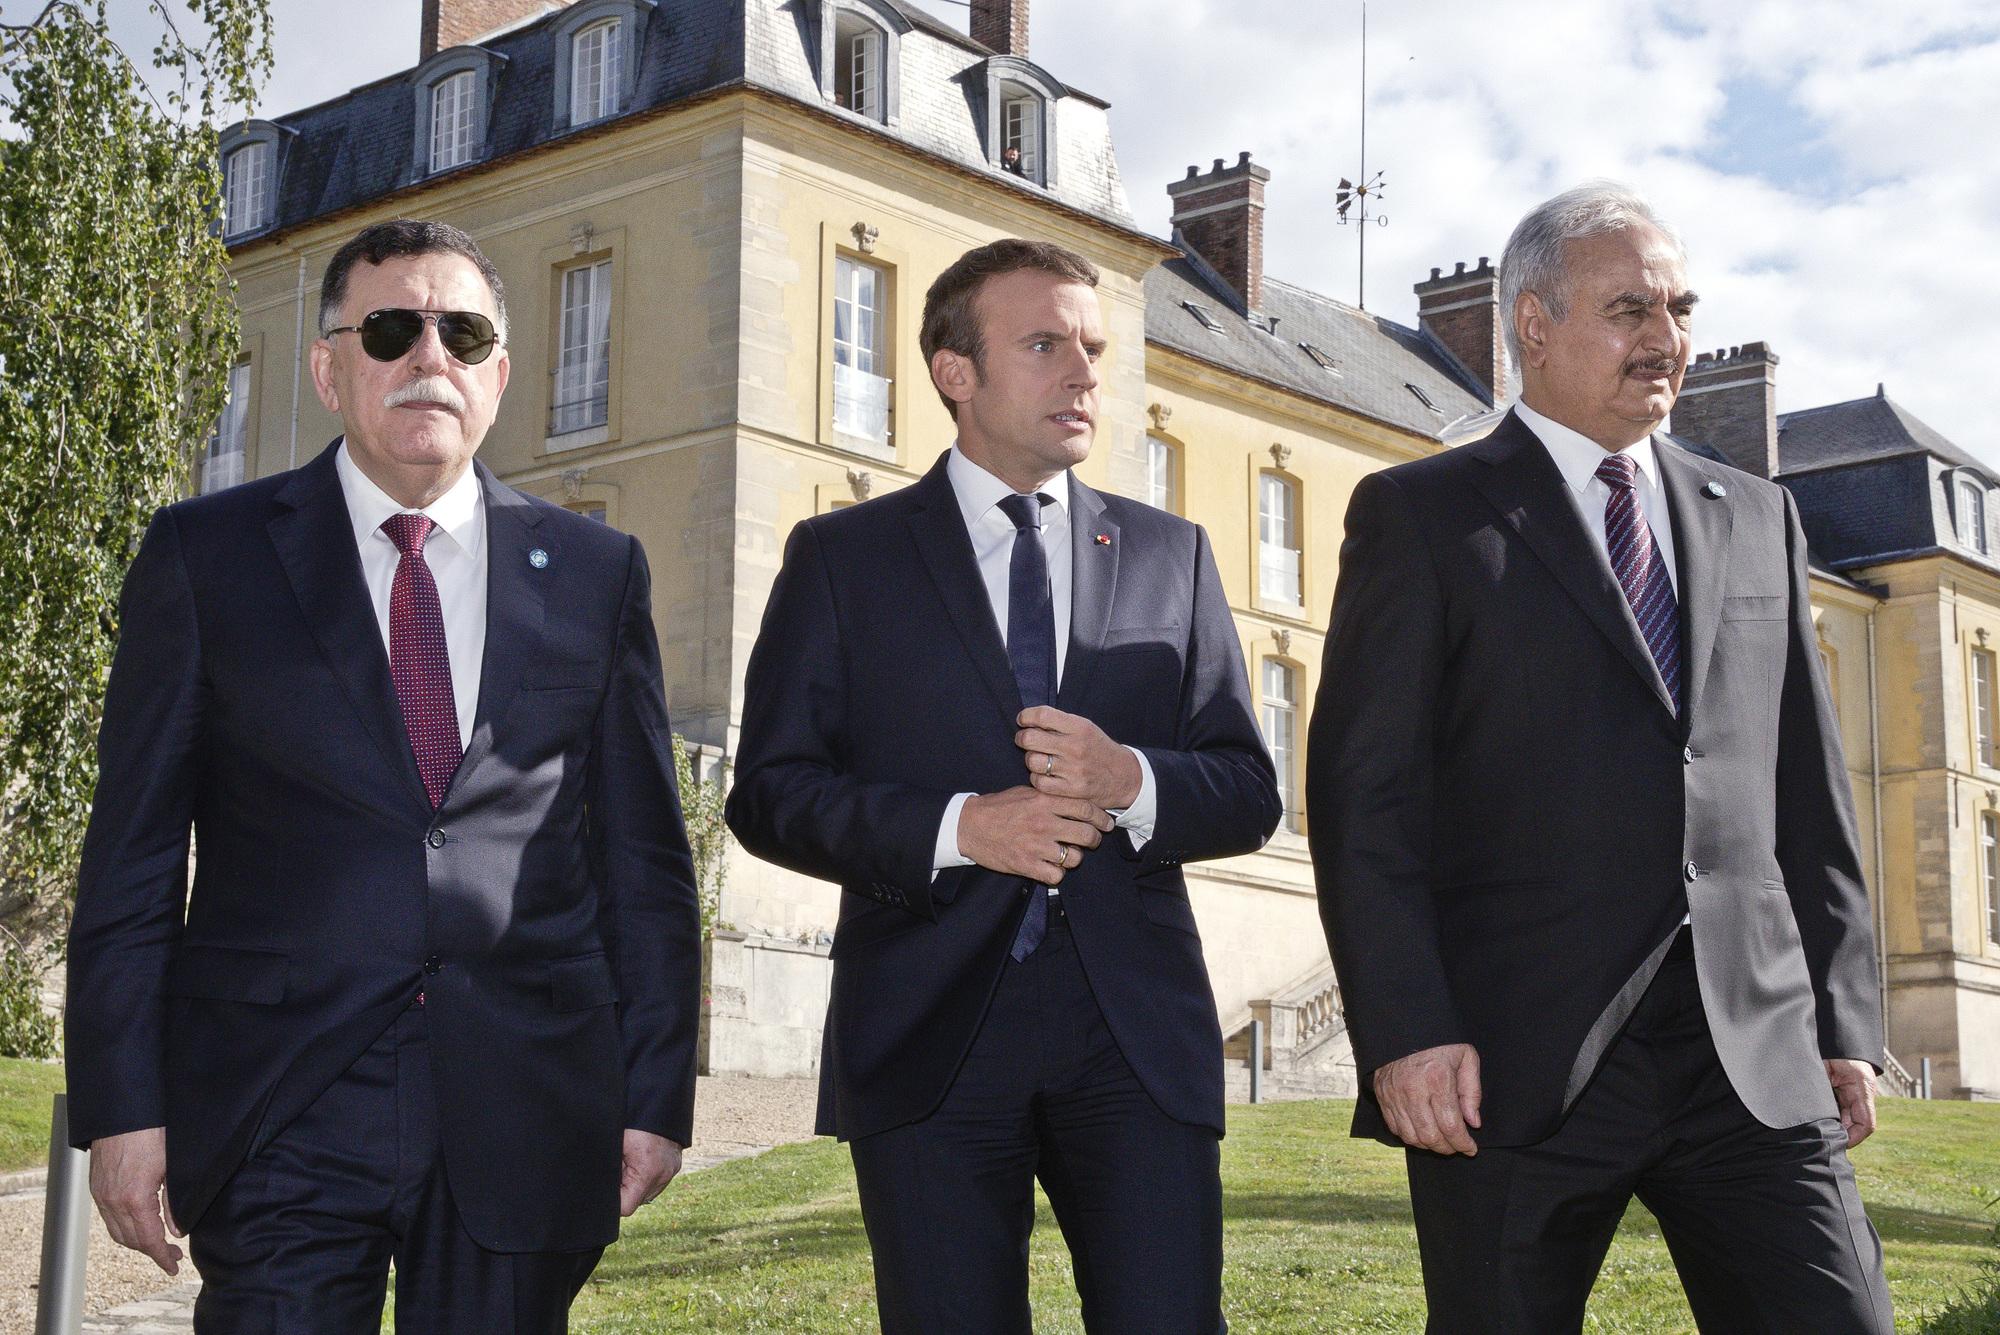 Avec le président français, Emmanuel Macron (au centre), et le Premier ministre, libyen, Fayez el-Sarraj, lors de la rencontre à La Celle-Saint-Cloud, le 25juillet 2017.